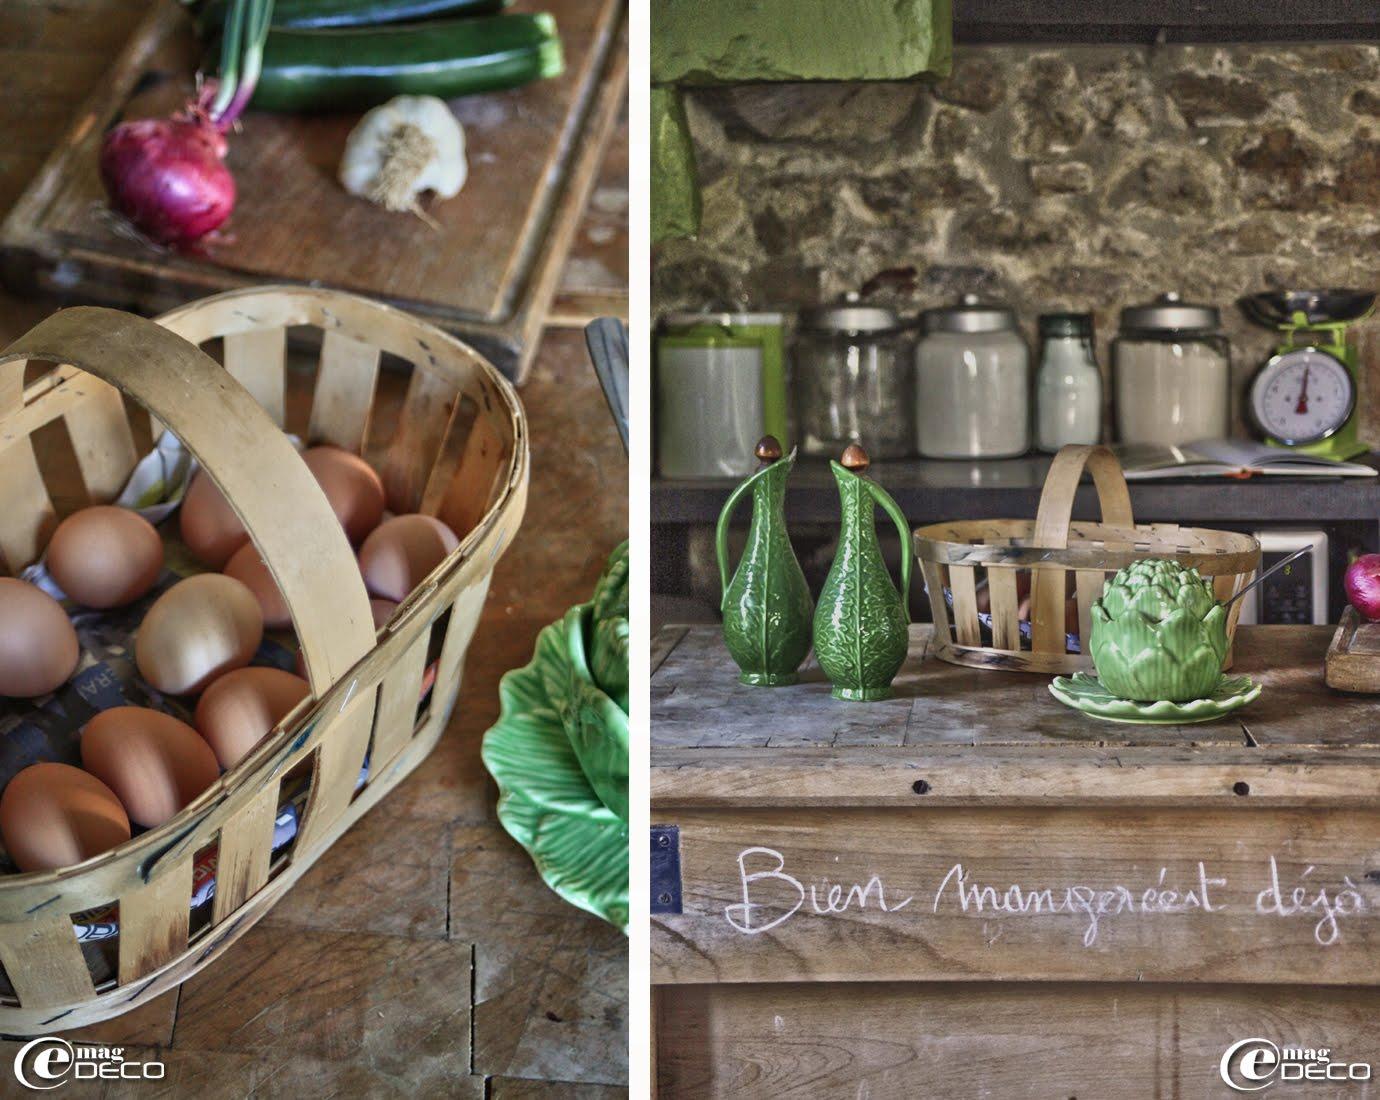 Écriture à la craie sur la traverse d'un billot de cuisine, maison d'hôtes 'Les Nomades Baroques' à Barjac